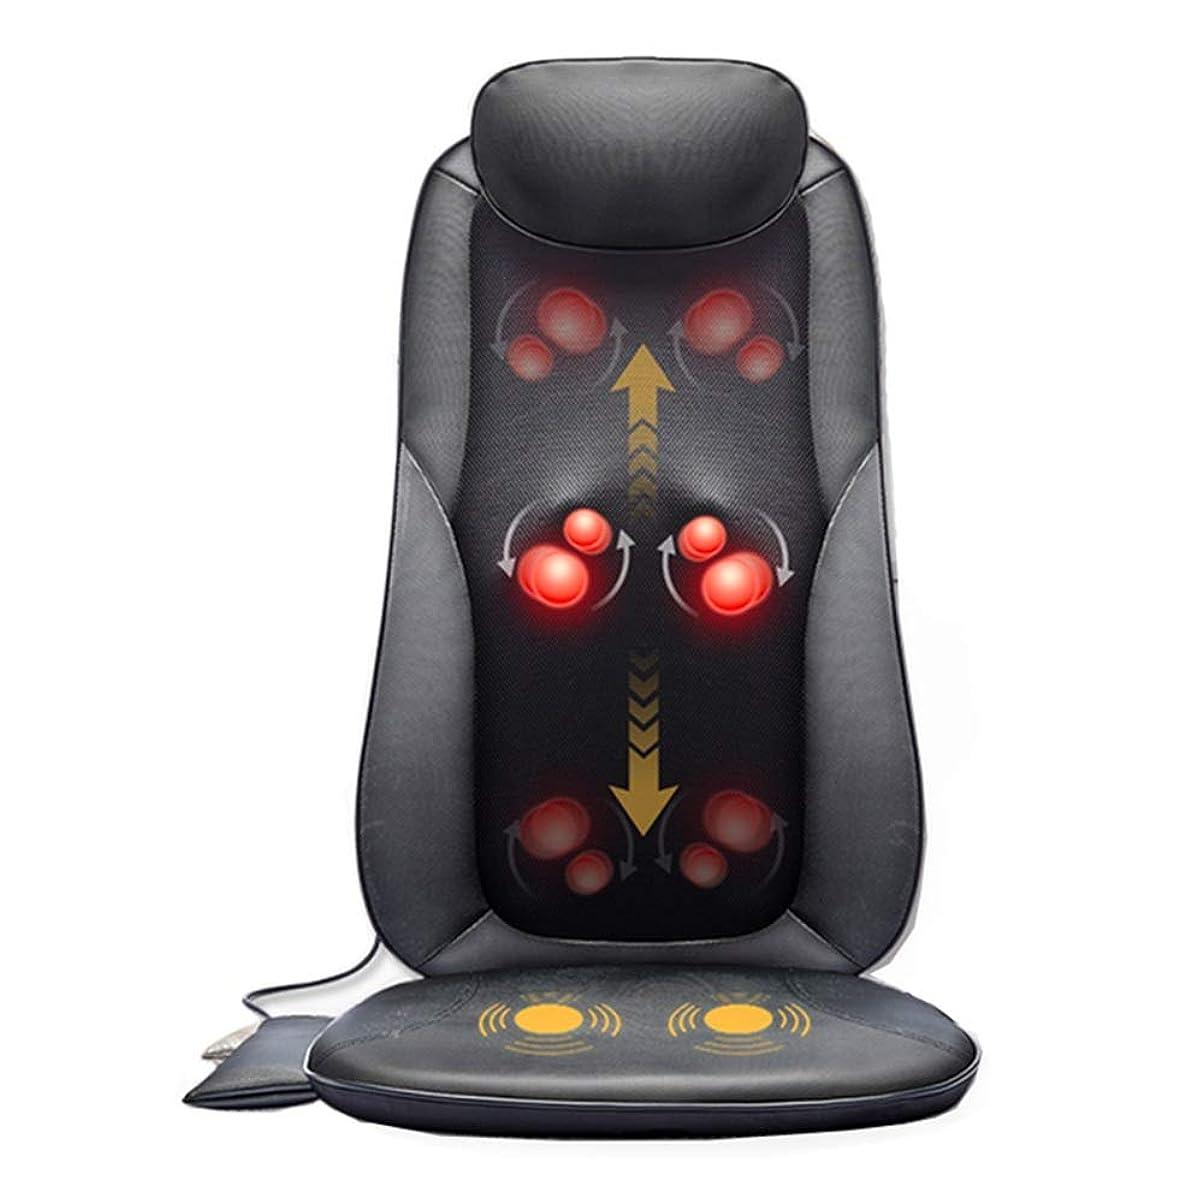 監督する遺体安置所ハックマッサージのクッション - 首の腰の後ろの腰部指圧混練マッサージホームオフィス用マッサージクッションマッサージクッション用椅子 (Color : A)